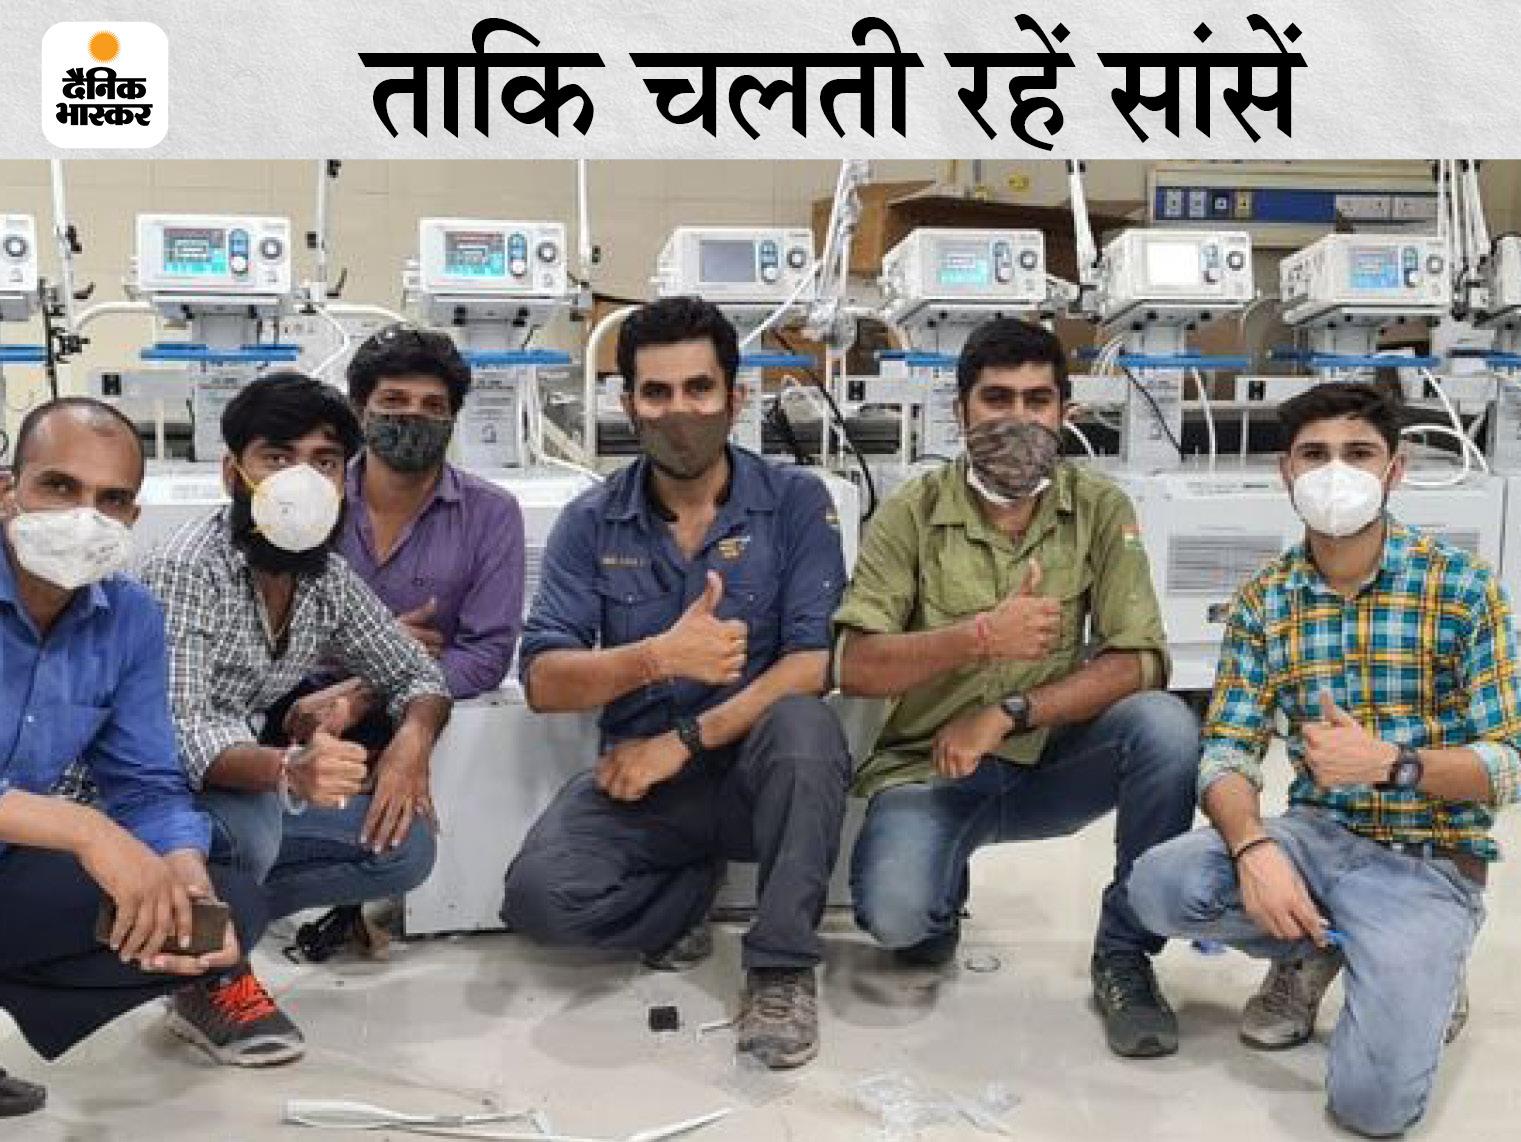 दिल्ली से आए इंजीनियर ने युवाओं के साथ मिल 24 घंटे में चालू किए, पांच पुराने भी ठीक करने में जुटे बीकानेर,Bikaner - Dainik Bhaskar